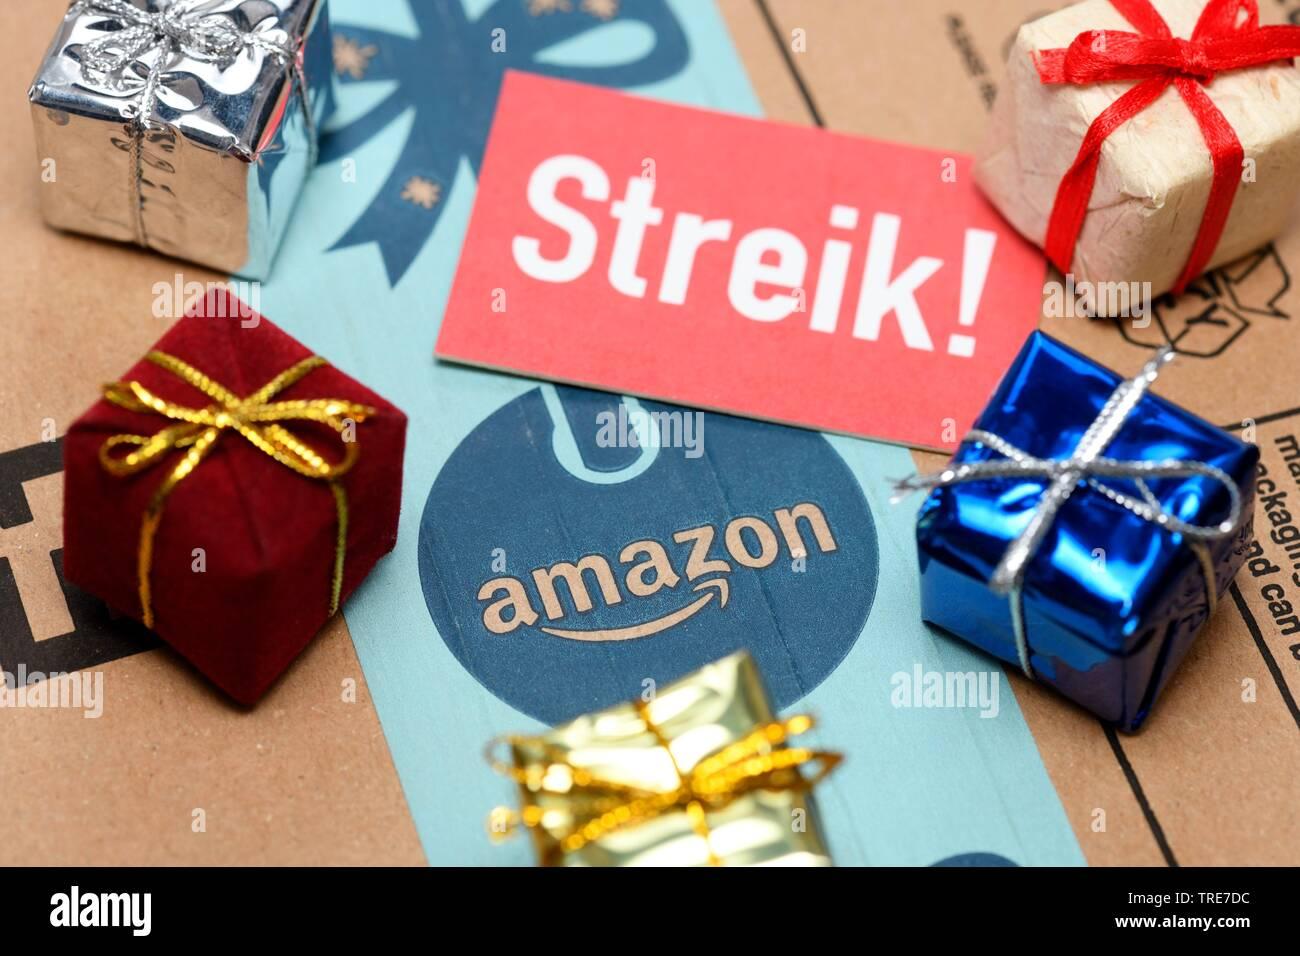 Streik-Schild und Weihnachtsgeschenke auf Amazon-Paket, Deutschland | walkout at amazon, Germany | BLWS519206.jpg [ (c) blickwinkel/McPHOTO/C. Ohde Te - Stock Image